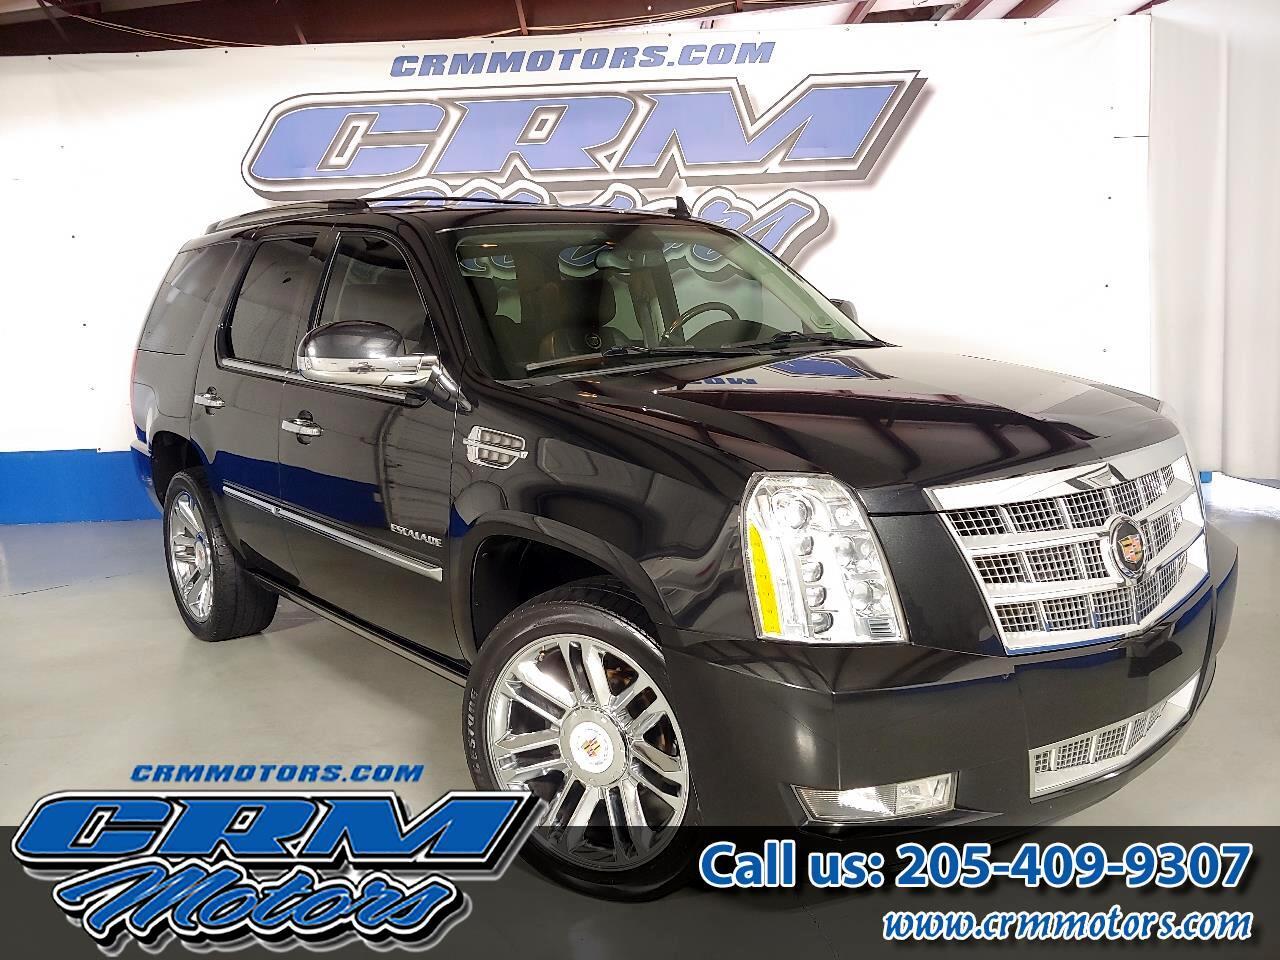 2013 Cadillac Escalade AWD 4dr Platinum Edition